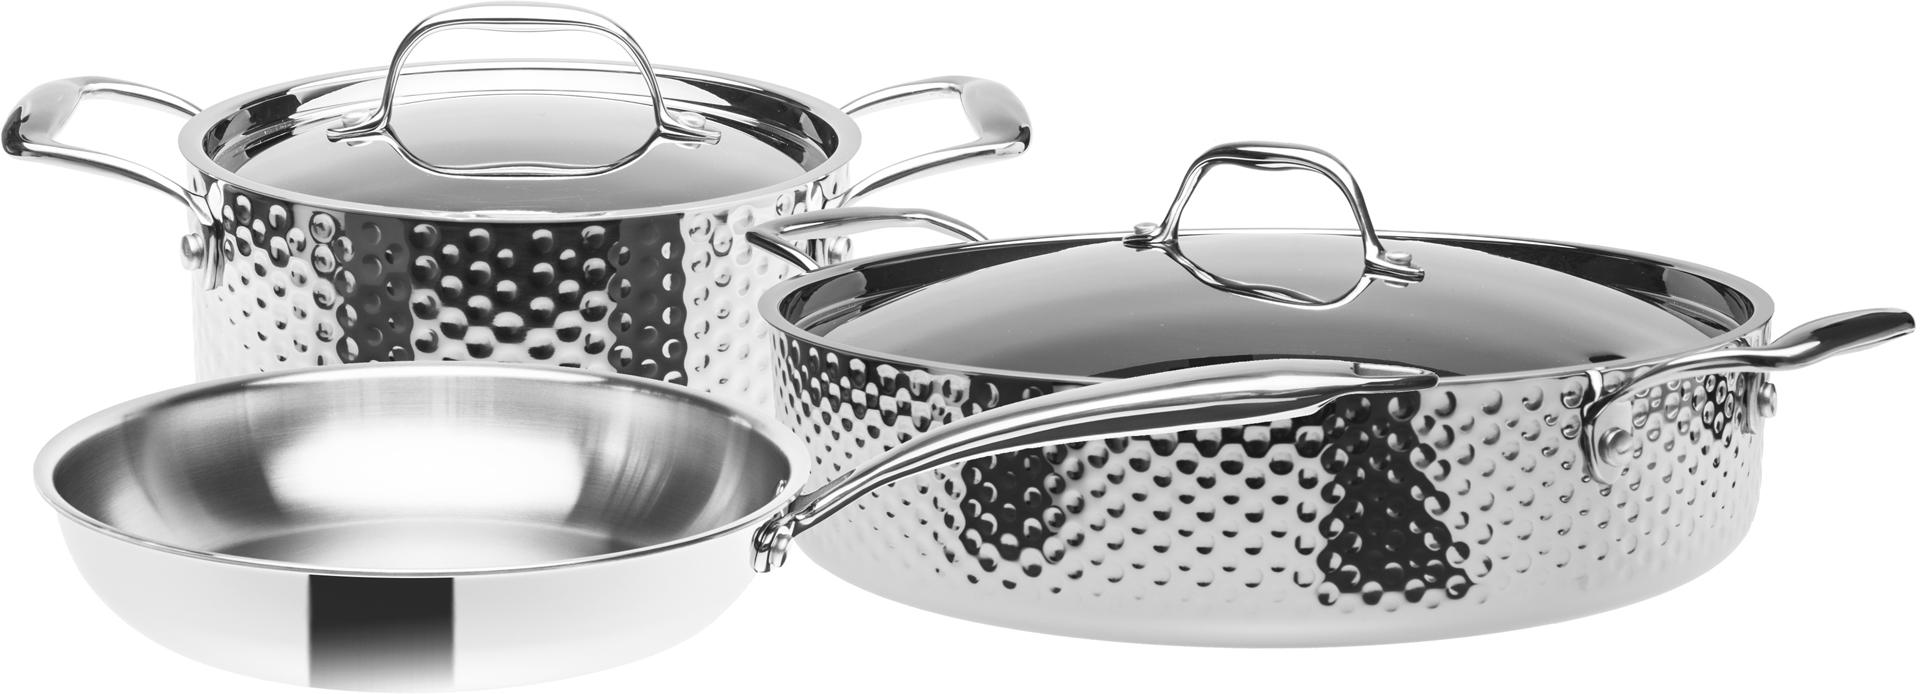 Sada nerezového nádobí, 3vrstvé, indukční, 5 dílná, STEIN